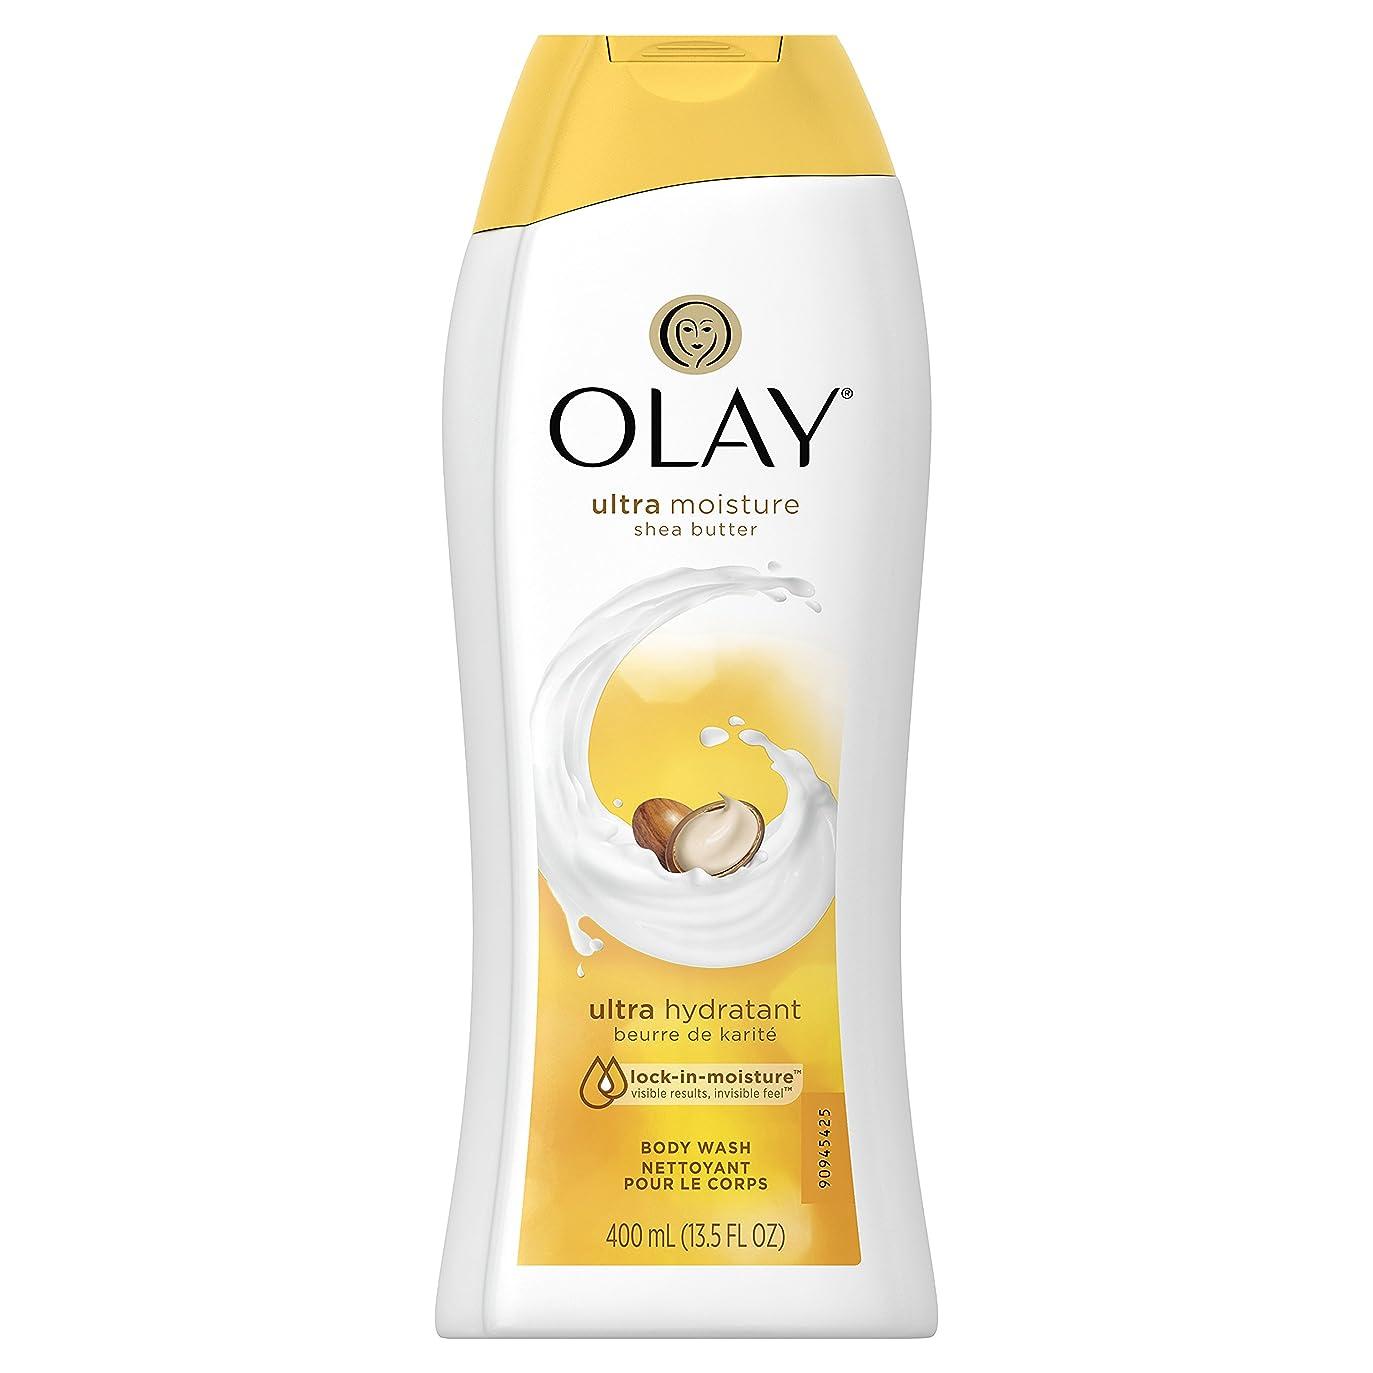 限界どうやって加速するOlay Ultra Moisture Moisturizing Body Wash With Shea Butter, 13.5 oz. 2本セット